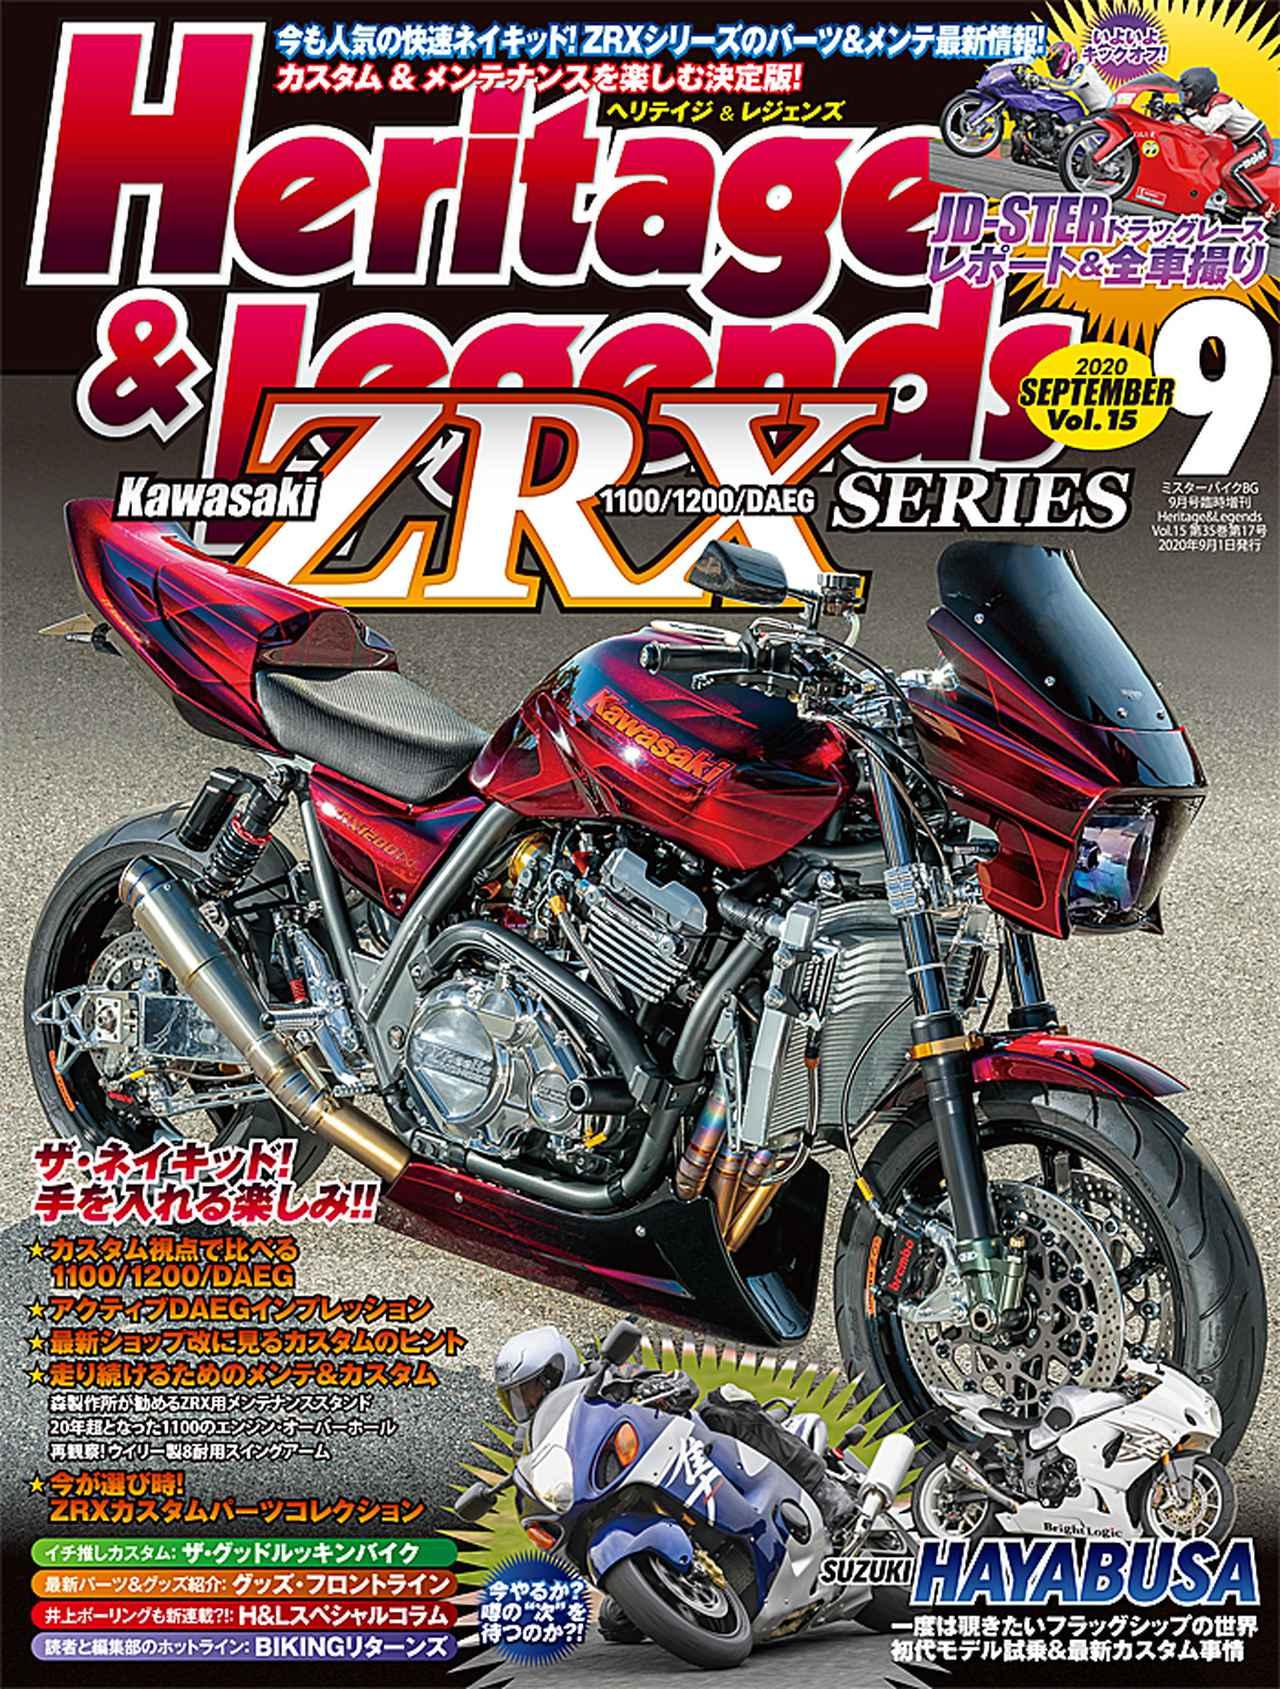 画像: 月刊ヘリテイジ&レジェンズ。9月号(Vol.15)は7月28日(火)発売!   ヘリテイジ&レジェンズ Heritage& Legends